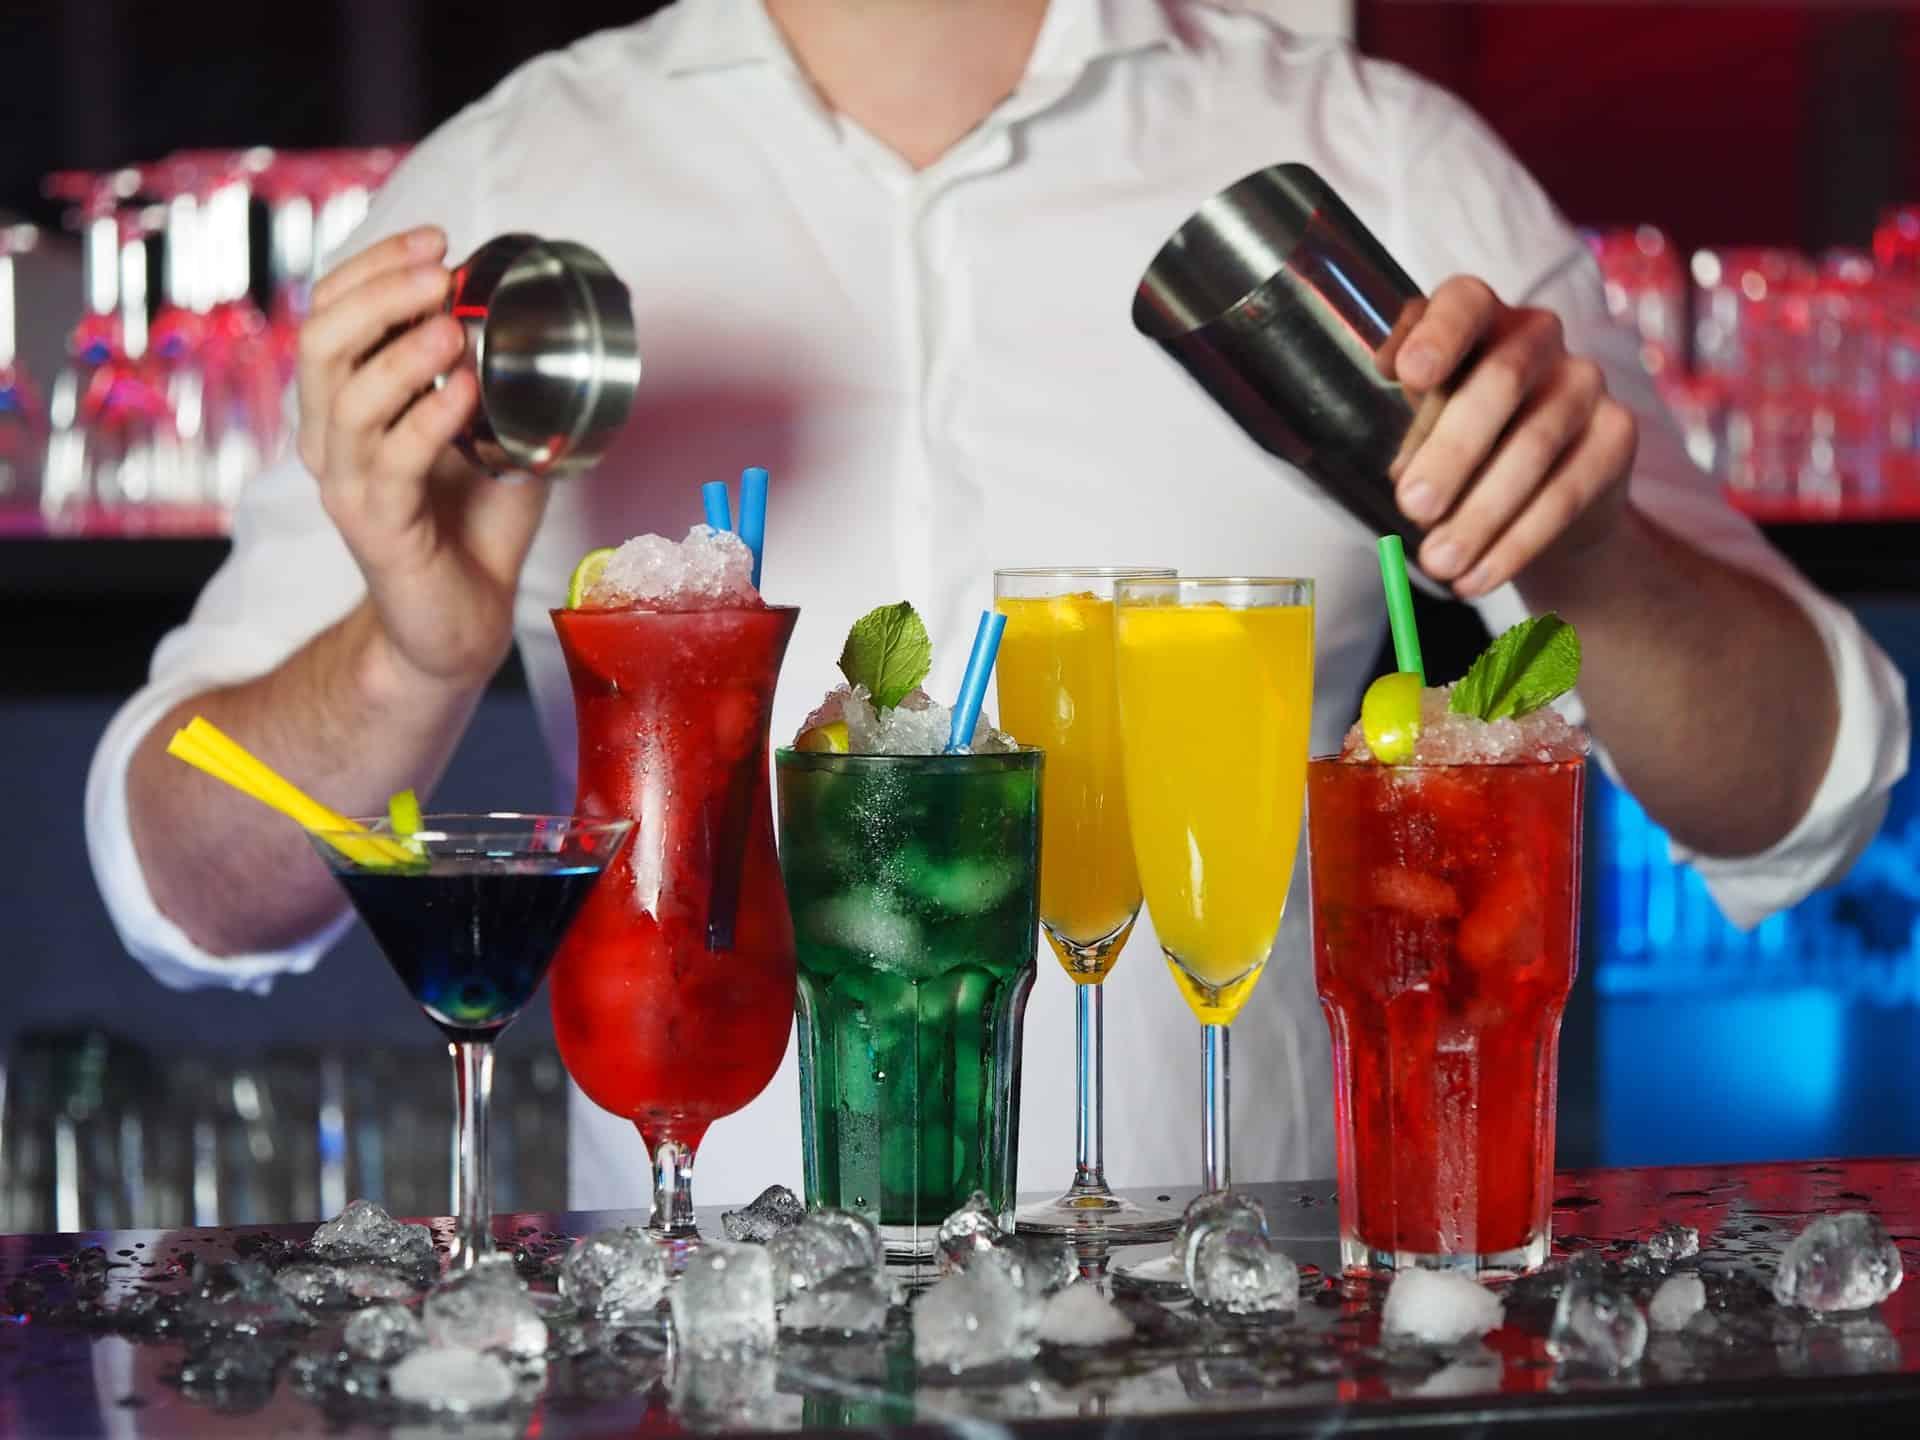 Gläsertypen für Weine, Cocktails und Spezialgetränke